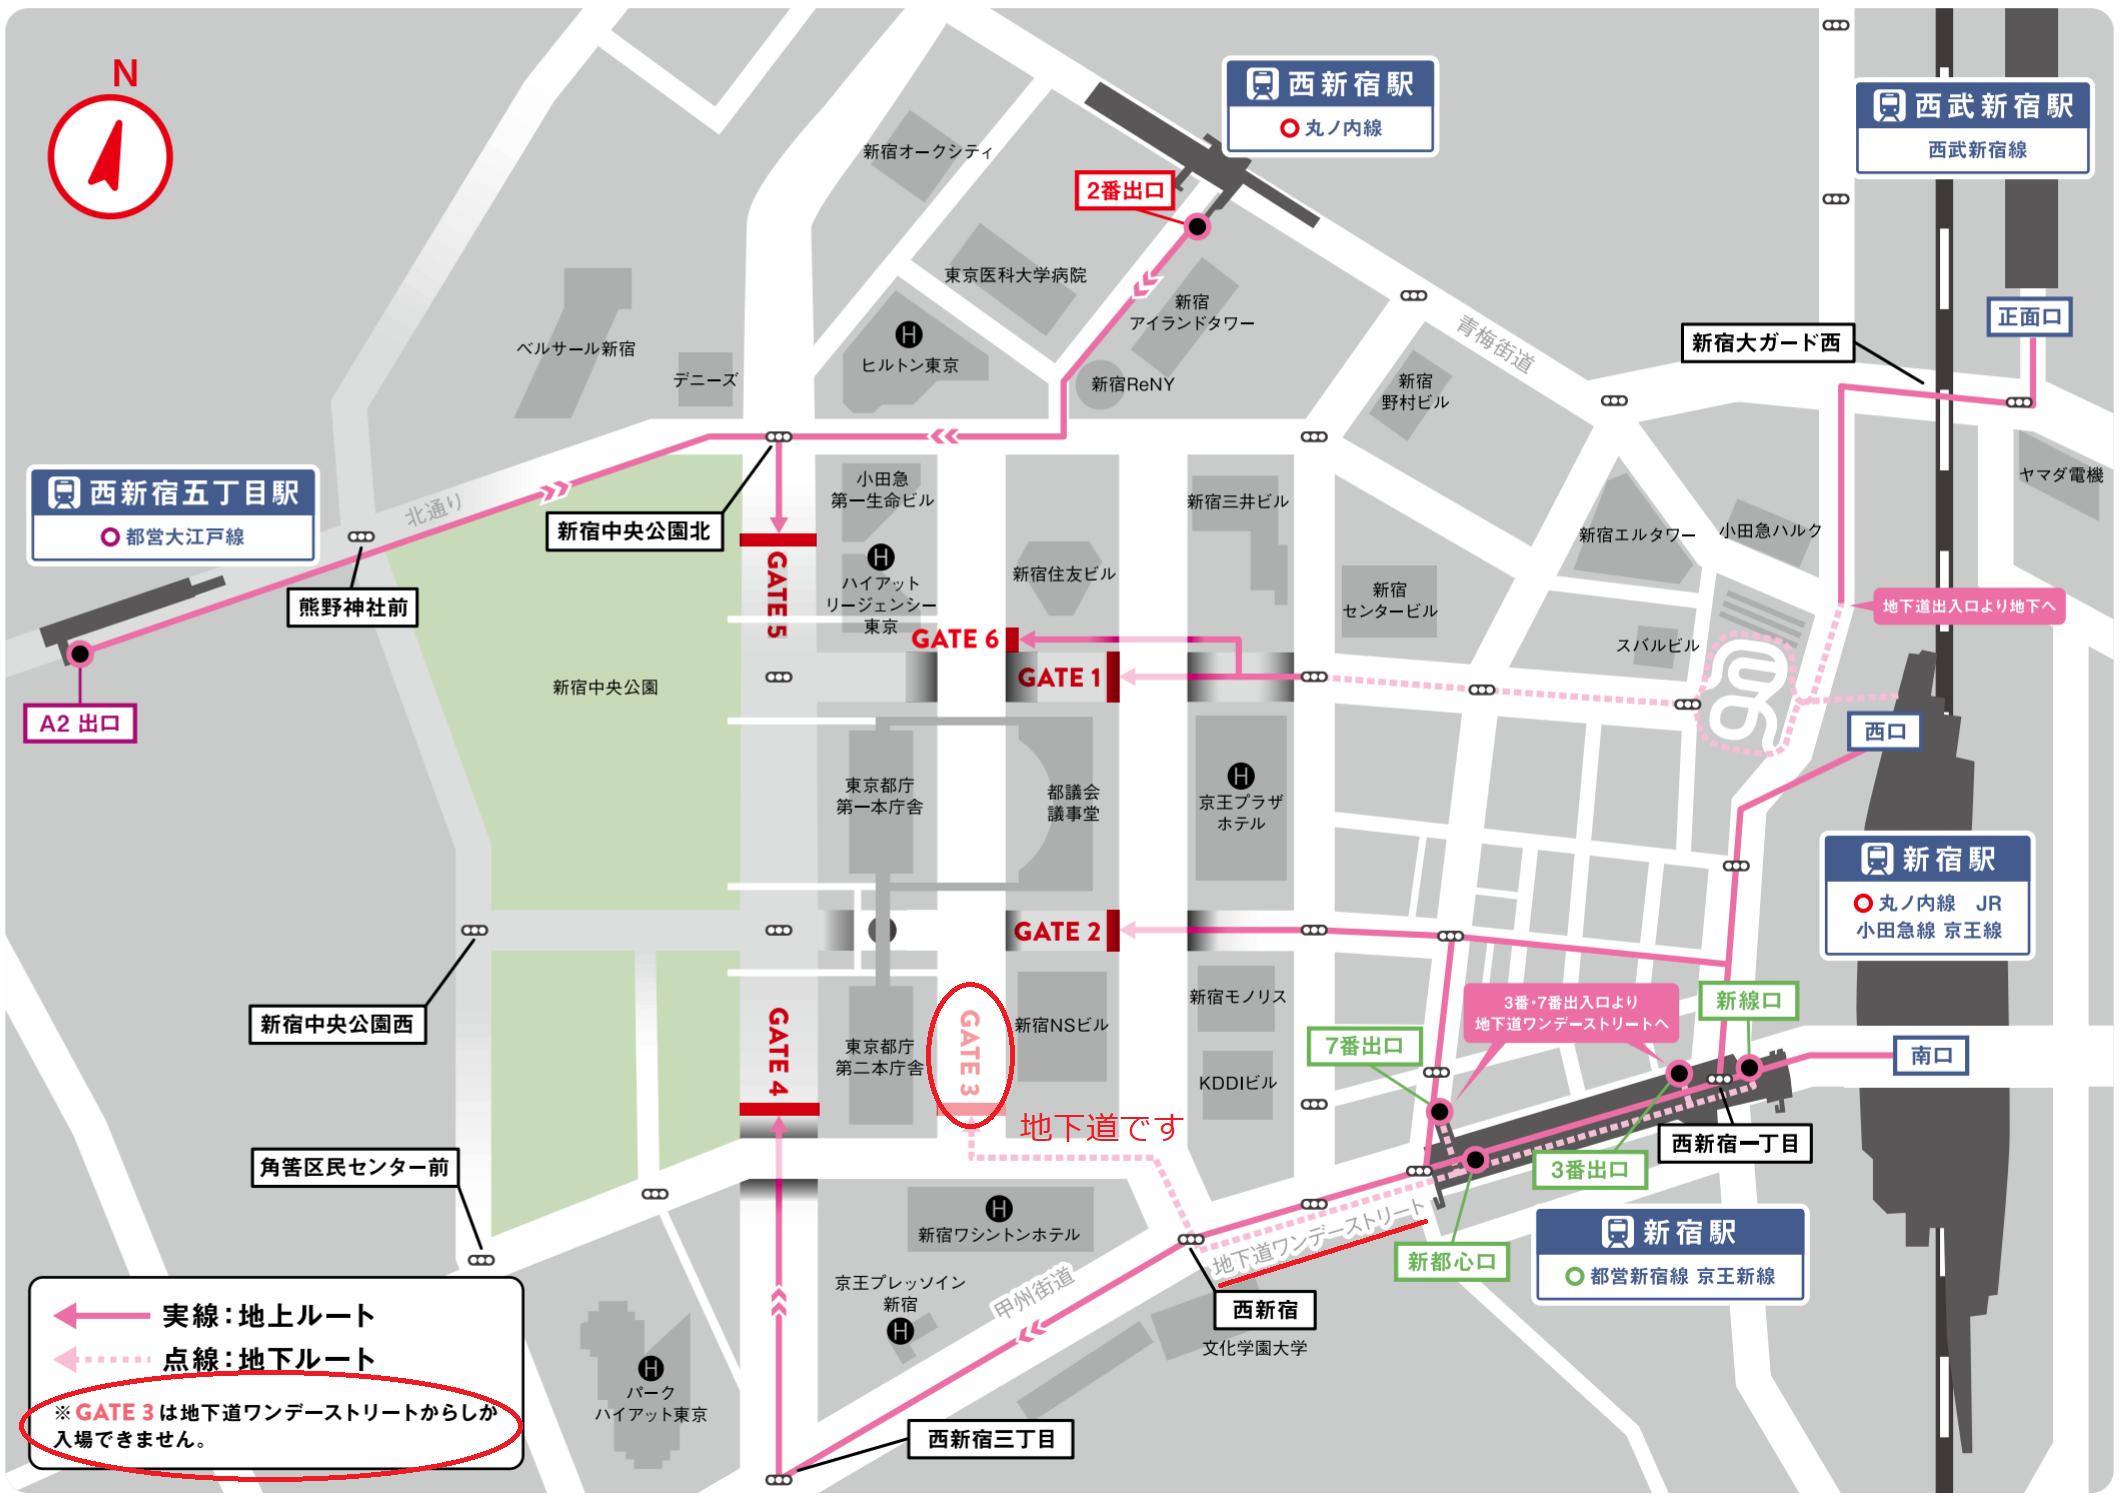 東京マラソンスタート地点へのアクセスマップ(新宿駅、西新宿5丁目駅、西新宿駅、西武新宿駅からスタート地点へアクセス方法)